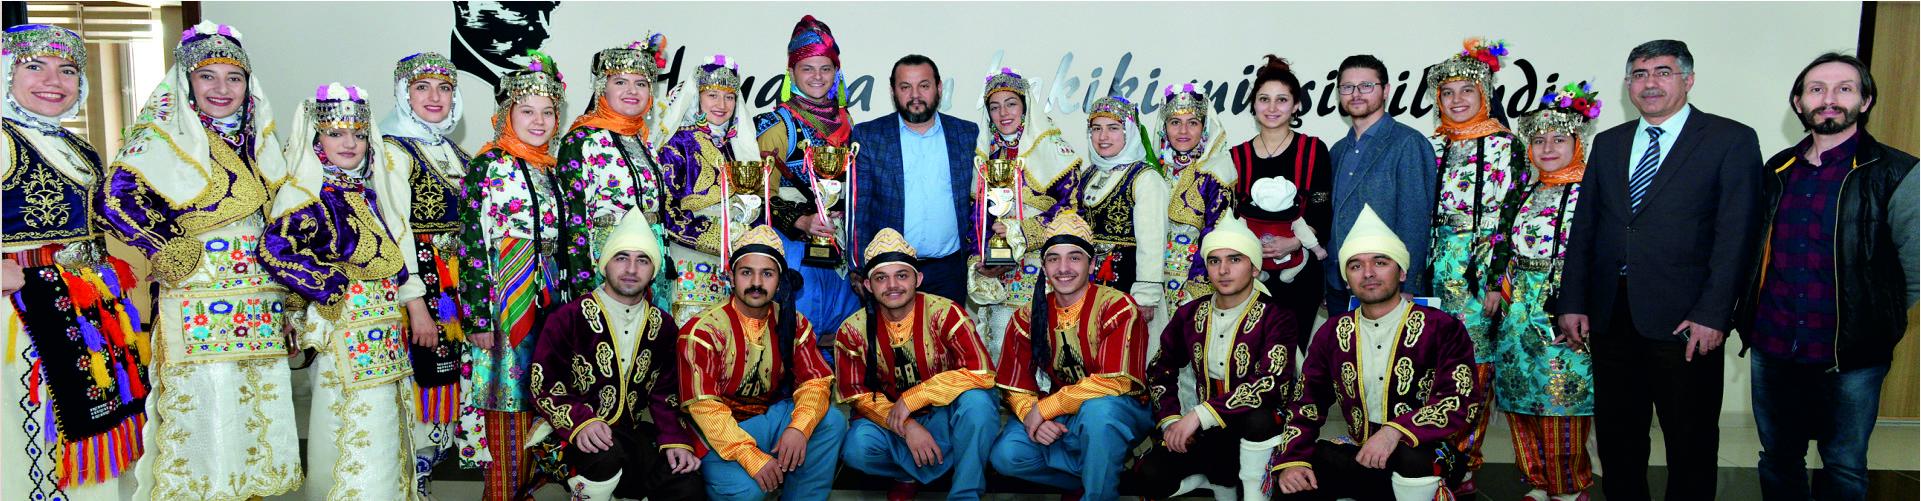 KMÜ Halk Oyunları Topluluğundan Üç Kupa